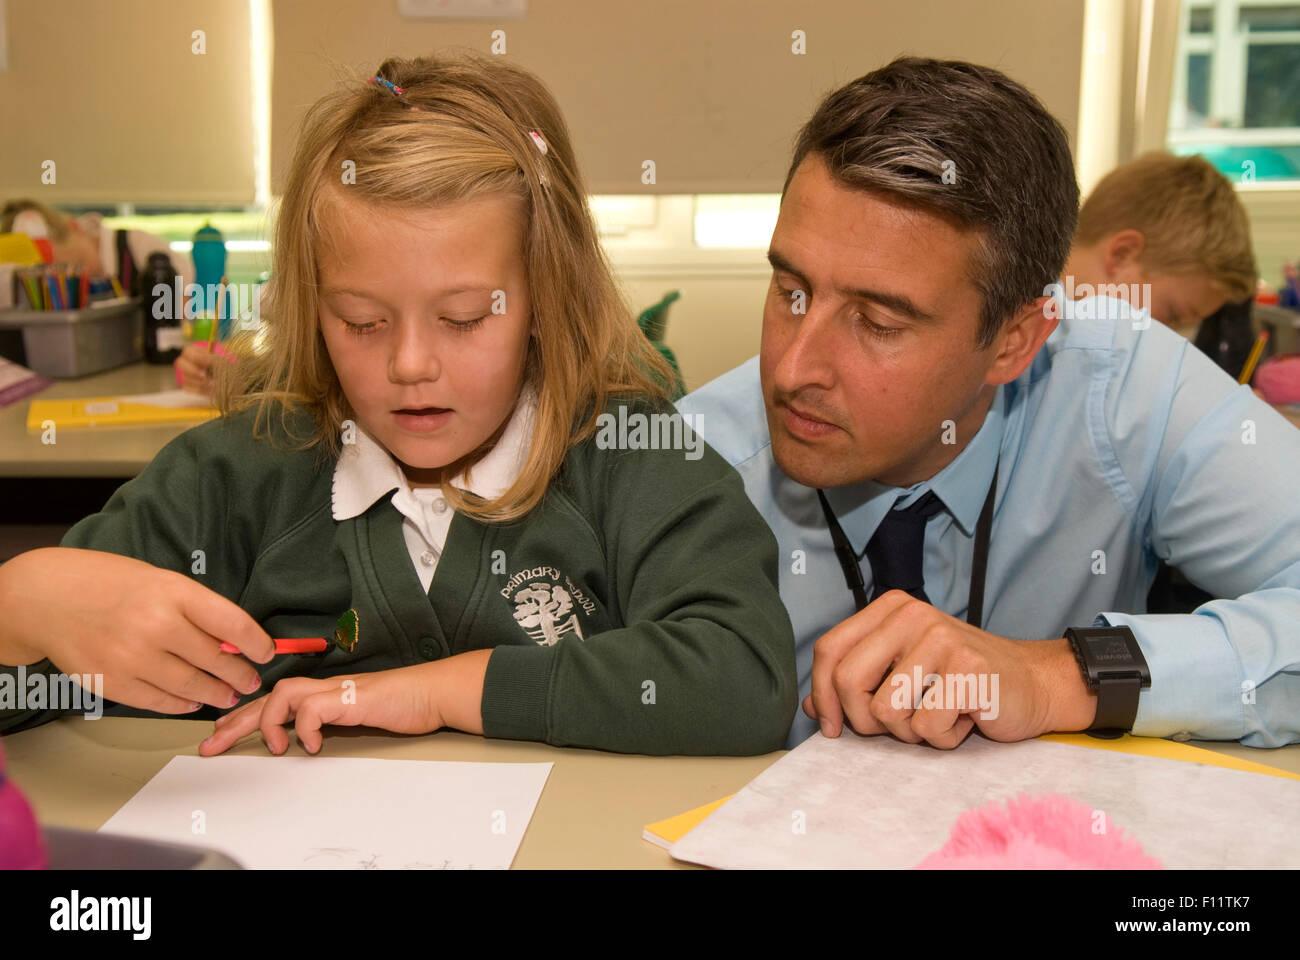 Aider l'enseignant à l'école primaire en classe de l'élève, Midlands, Royaume-Uni. Photo Stock